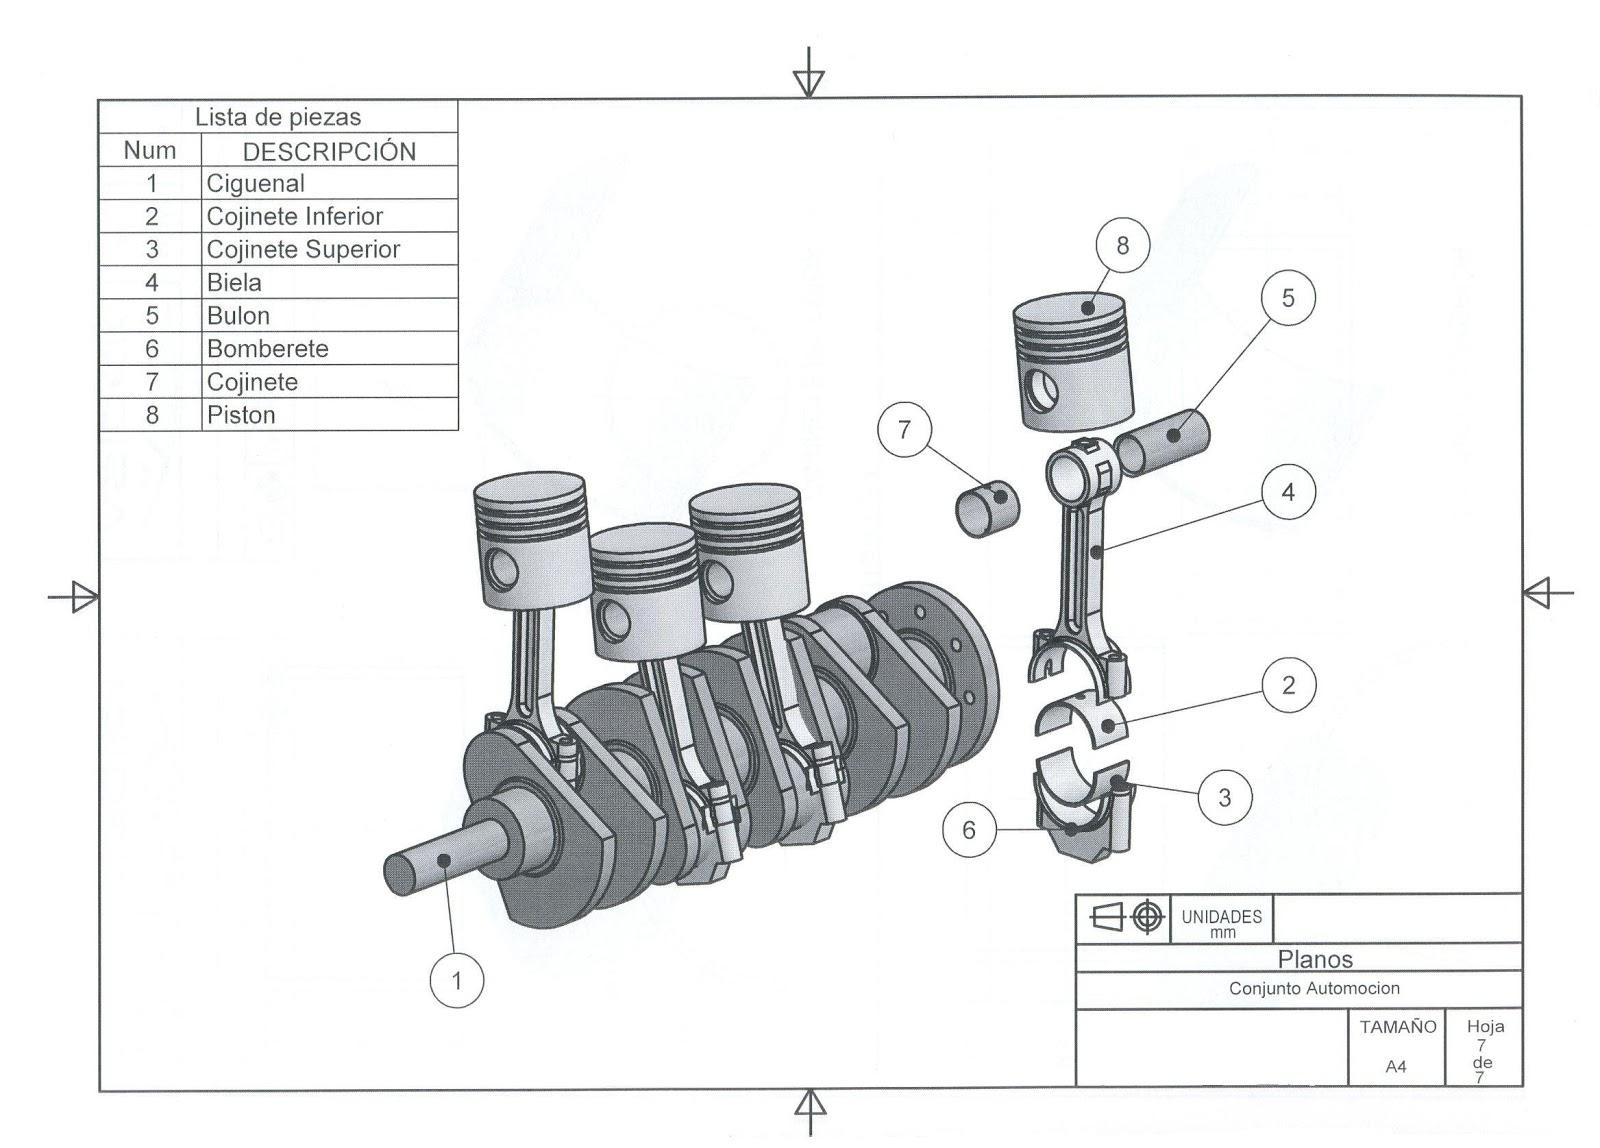 catia e inventor con ciri  motor 4 pistones y cig u00fce u00f1al